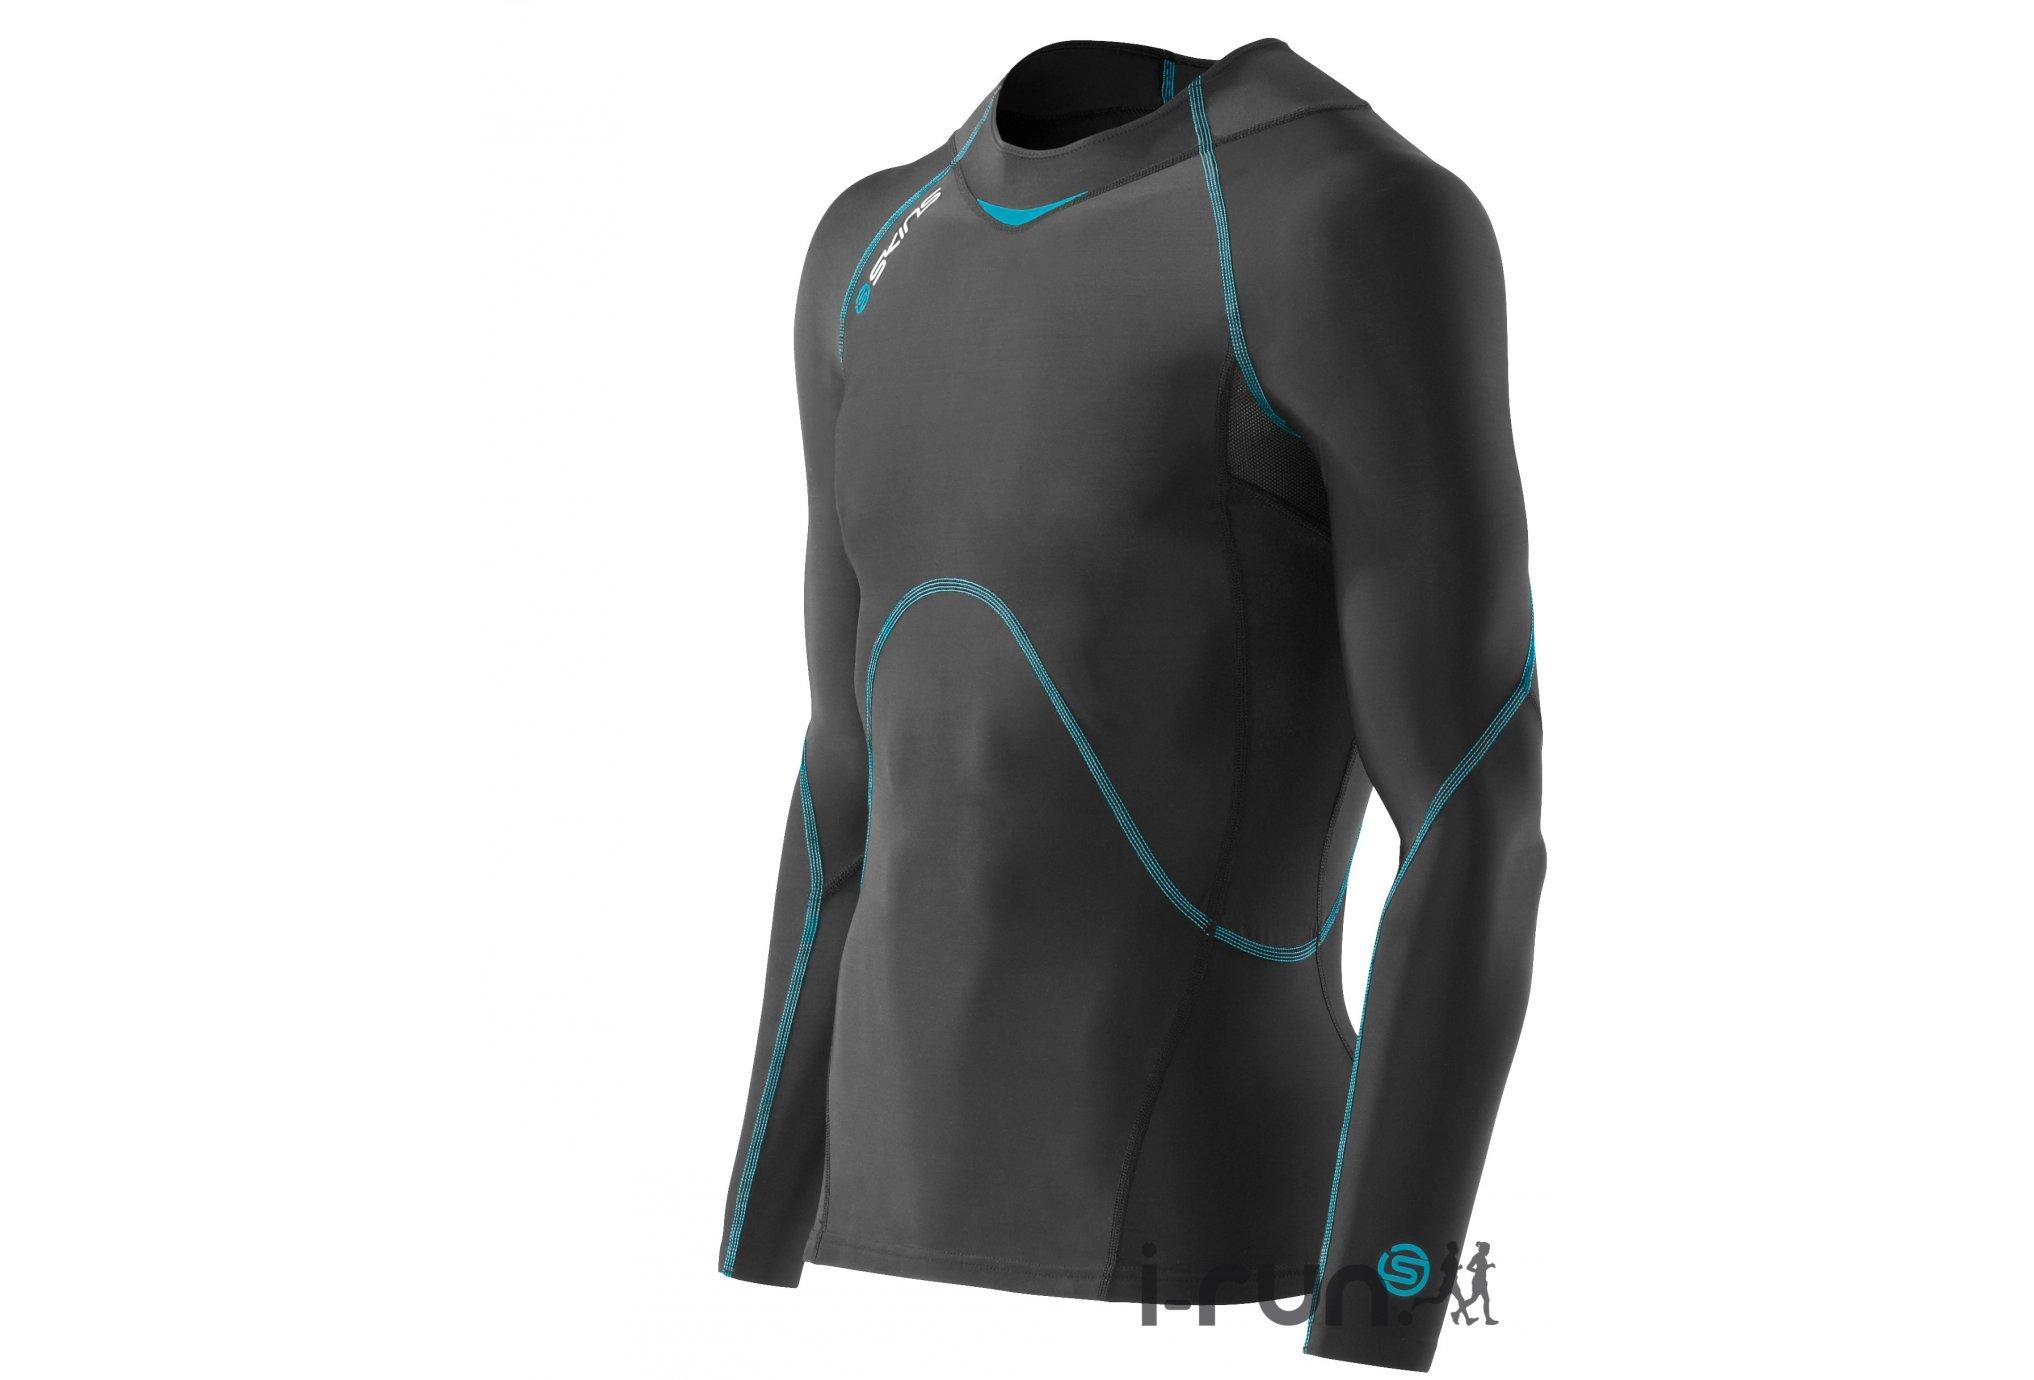 Skins Coldblack Compression LS M Diététique Vêtements homme